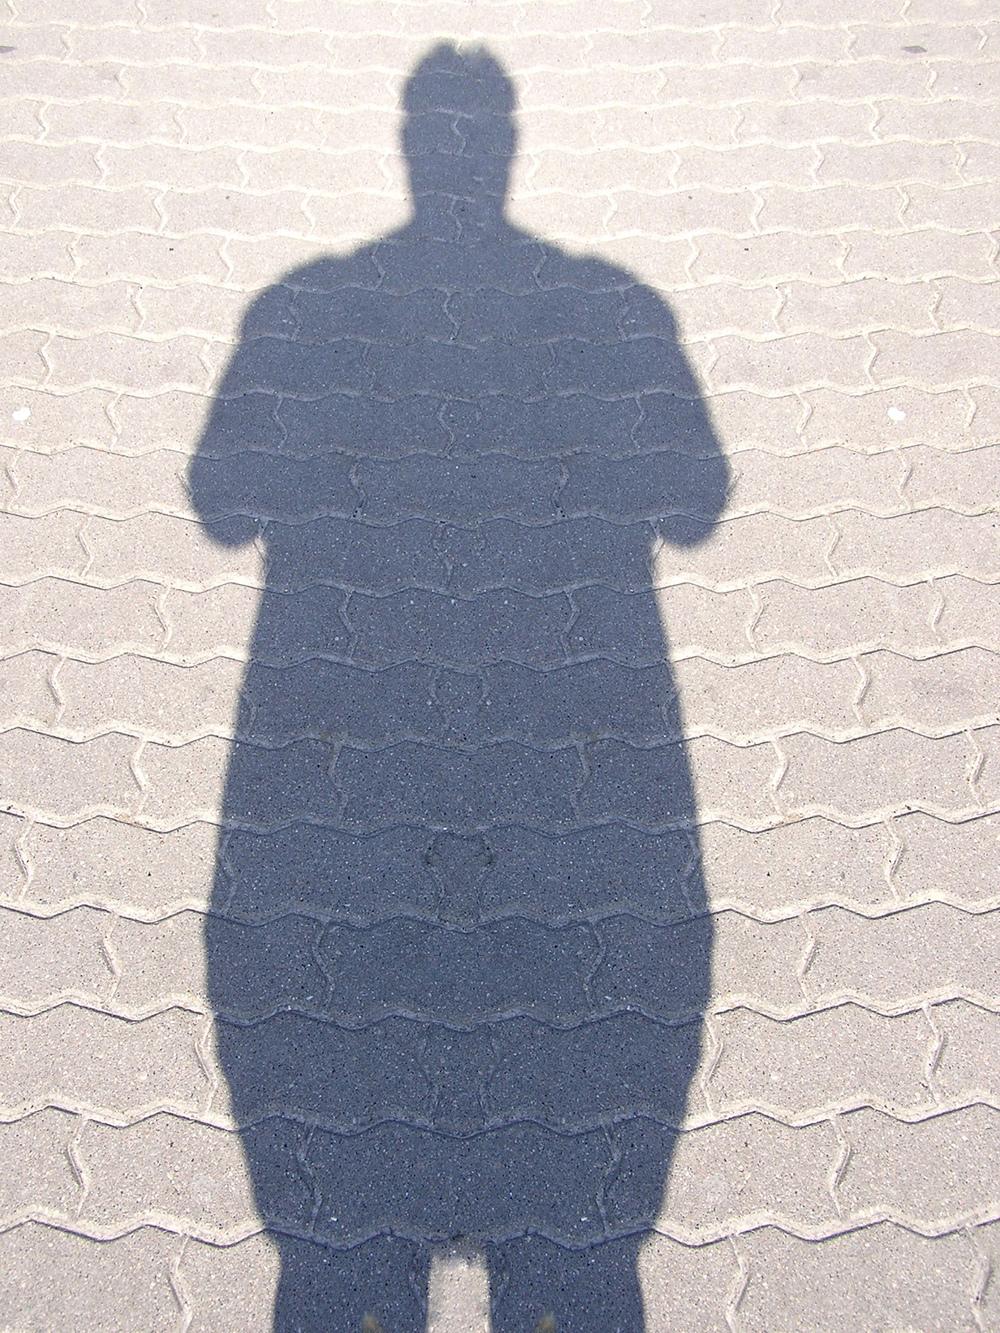 Høy kroppsvekt gir ikke høyere risiko for verre prognose i håndartrose i følge vår ferske studie, på tross av risiko for systematiske feil populært kalt the obesity paradox.www.forskerlivet.no